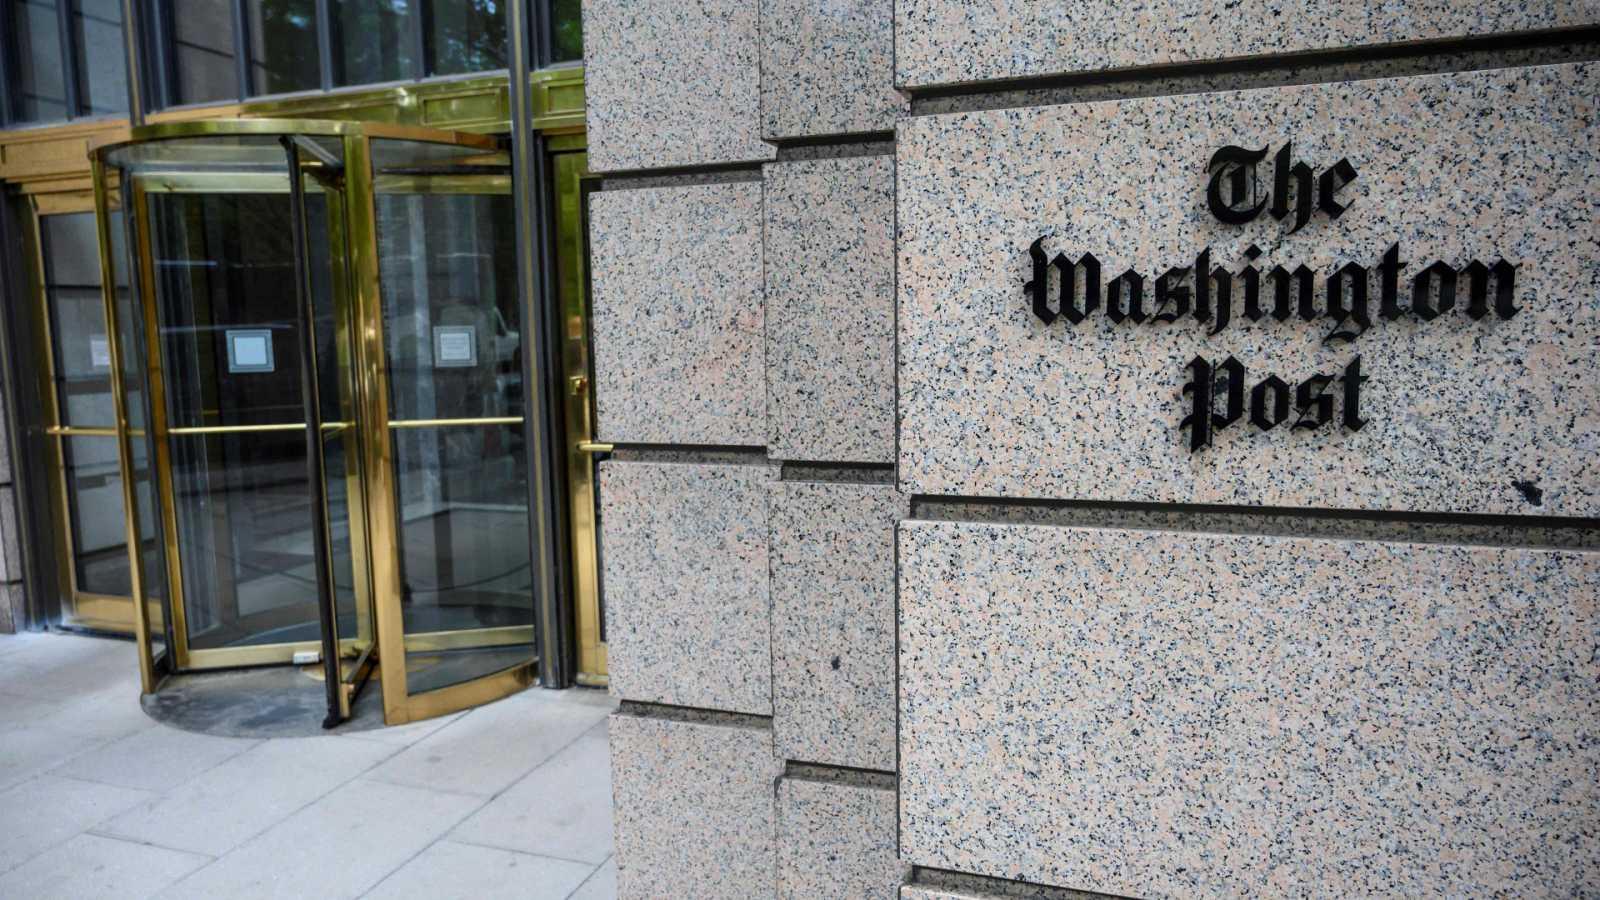 Washington Post obliga a sus empleados a vacunarse para poder regresar a la oficina